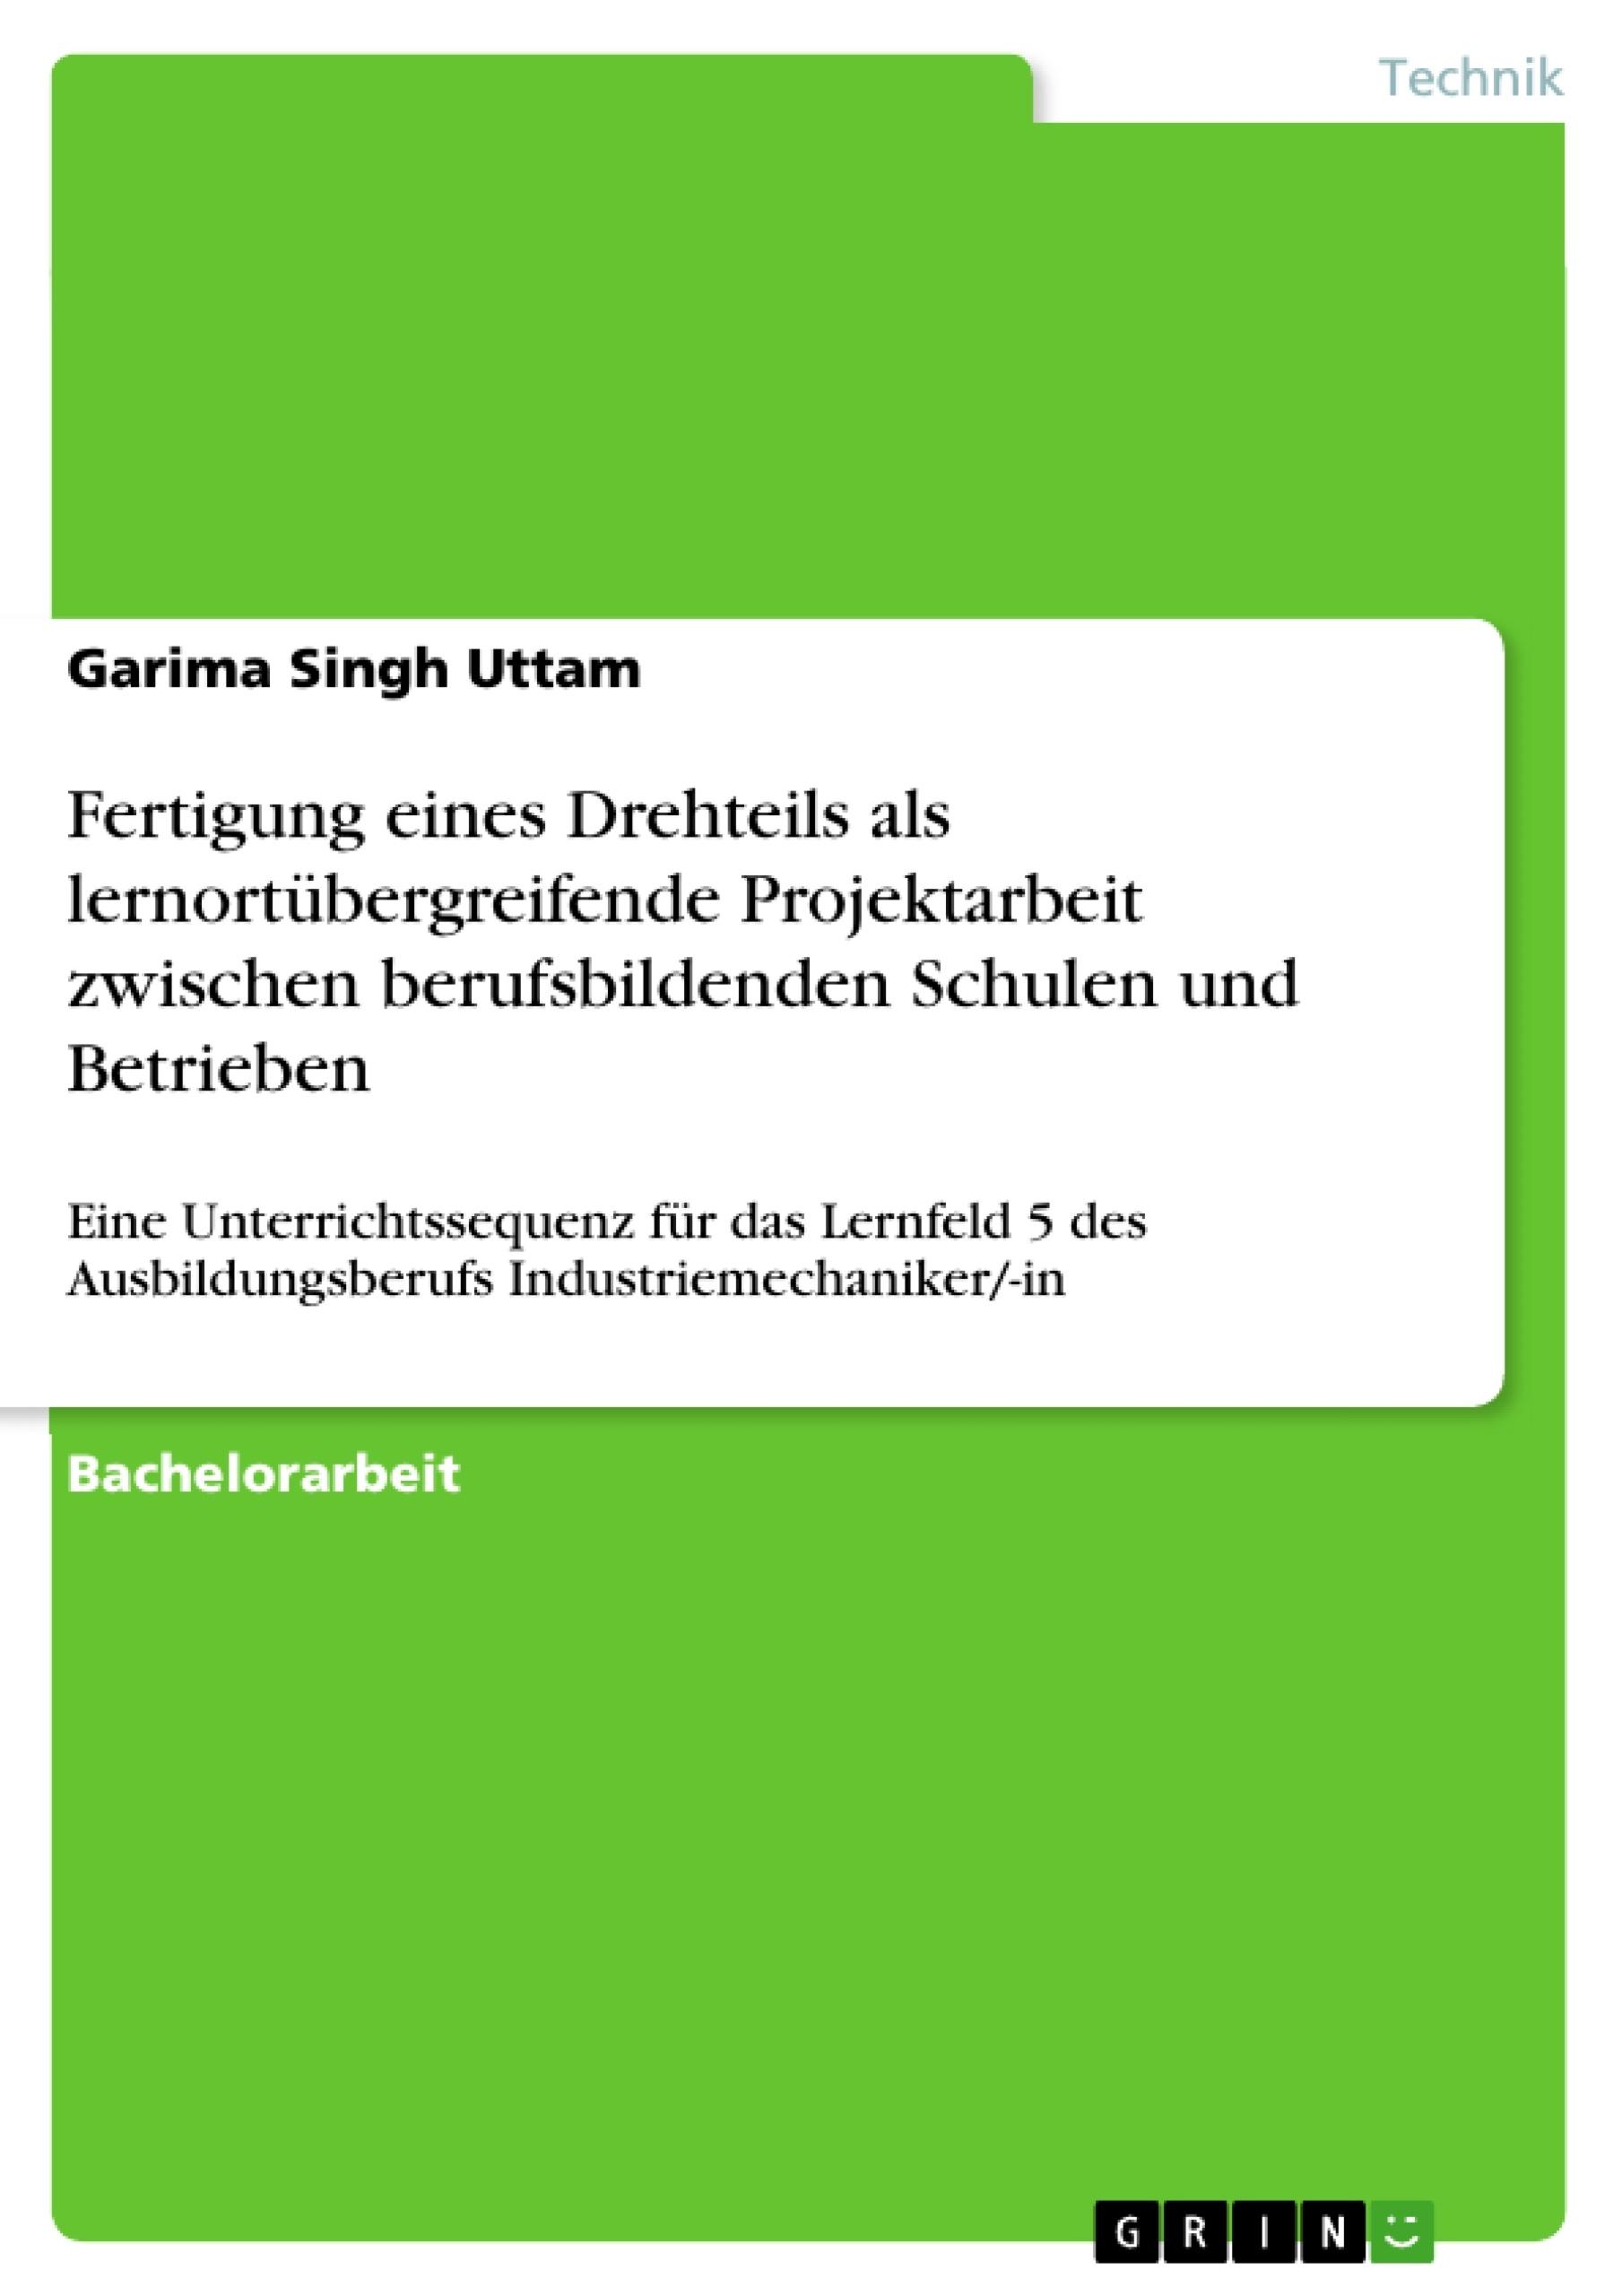 Titel: Fertigung eines Drehteils als lernortübergreifende Projektarbeit zwischen berufsbildenden Schulen und Betrieben